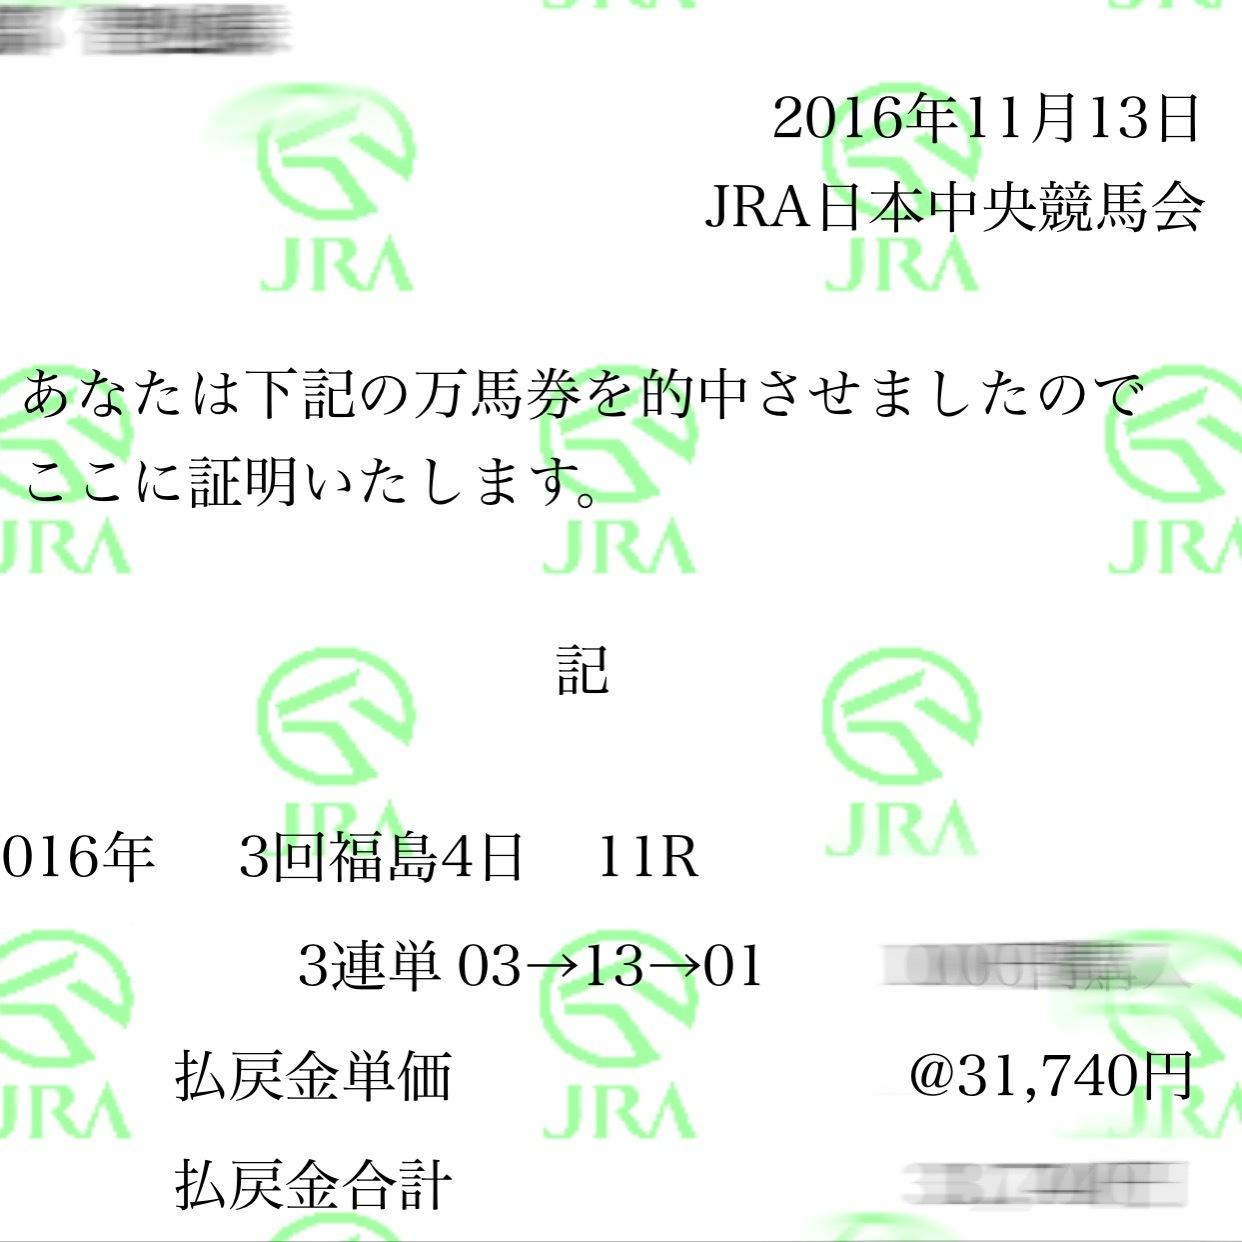 20161119022758b23.jpg